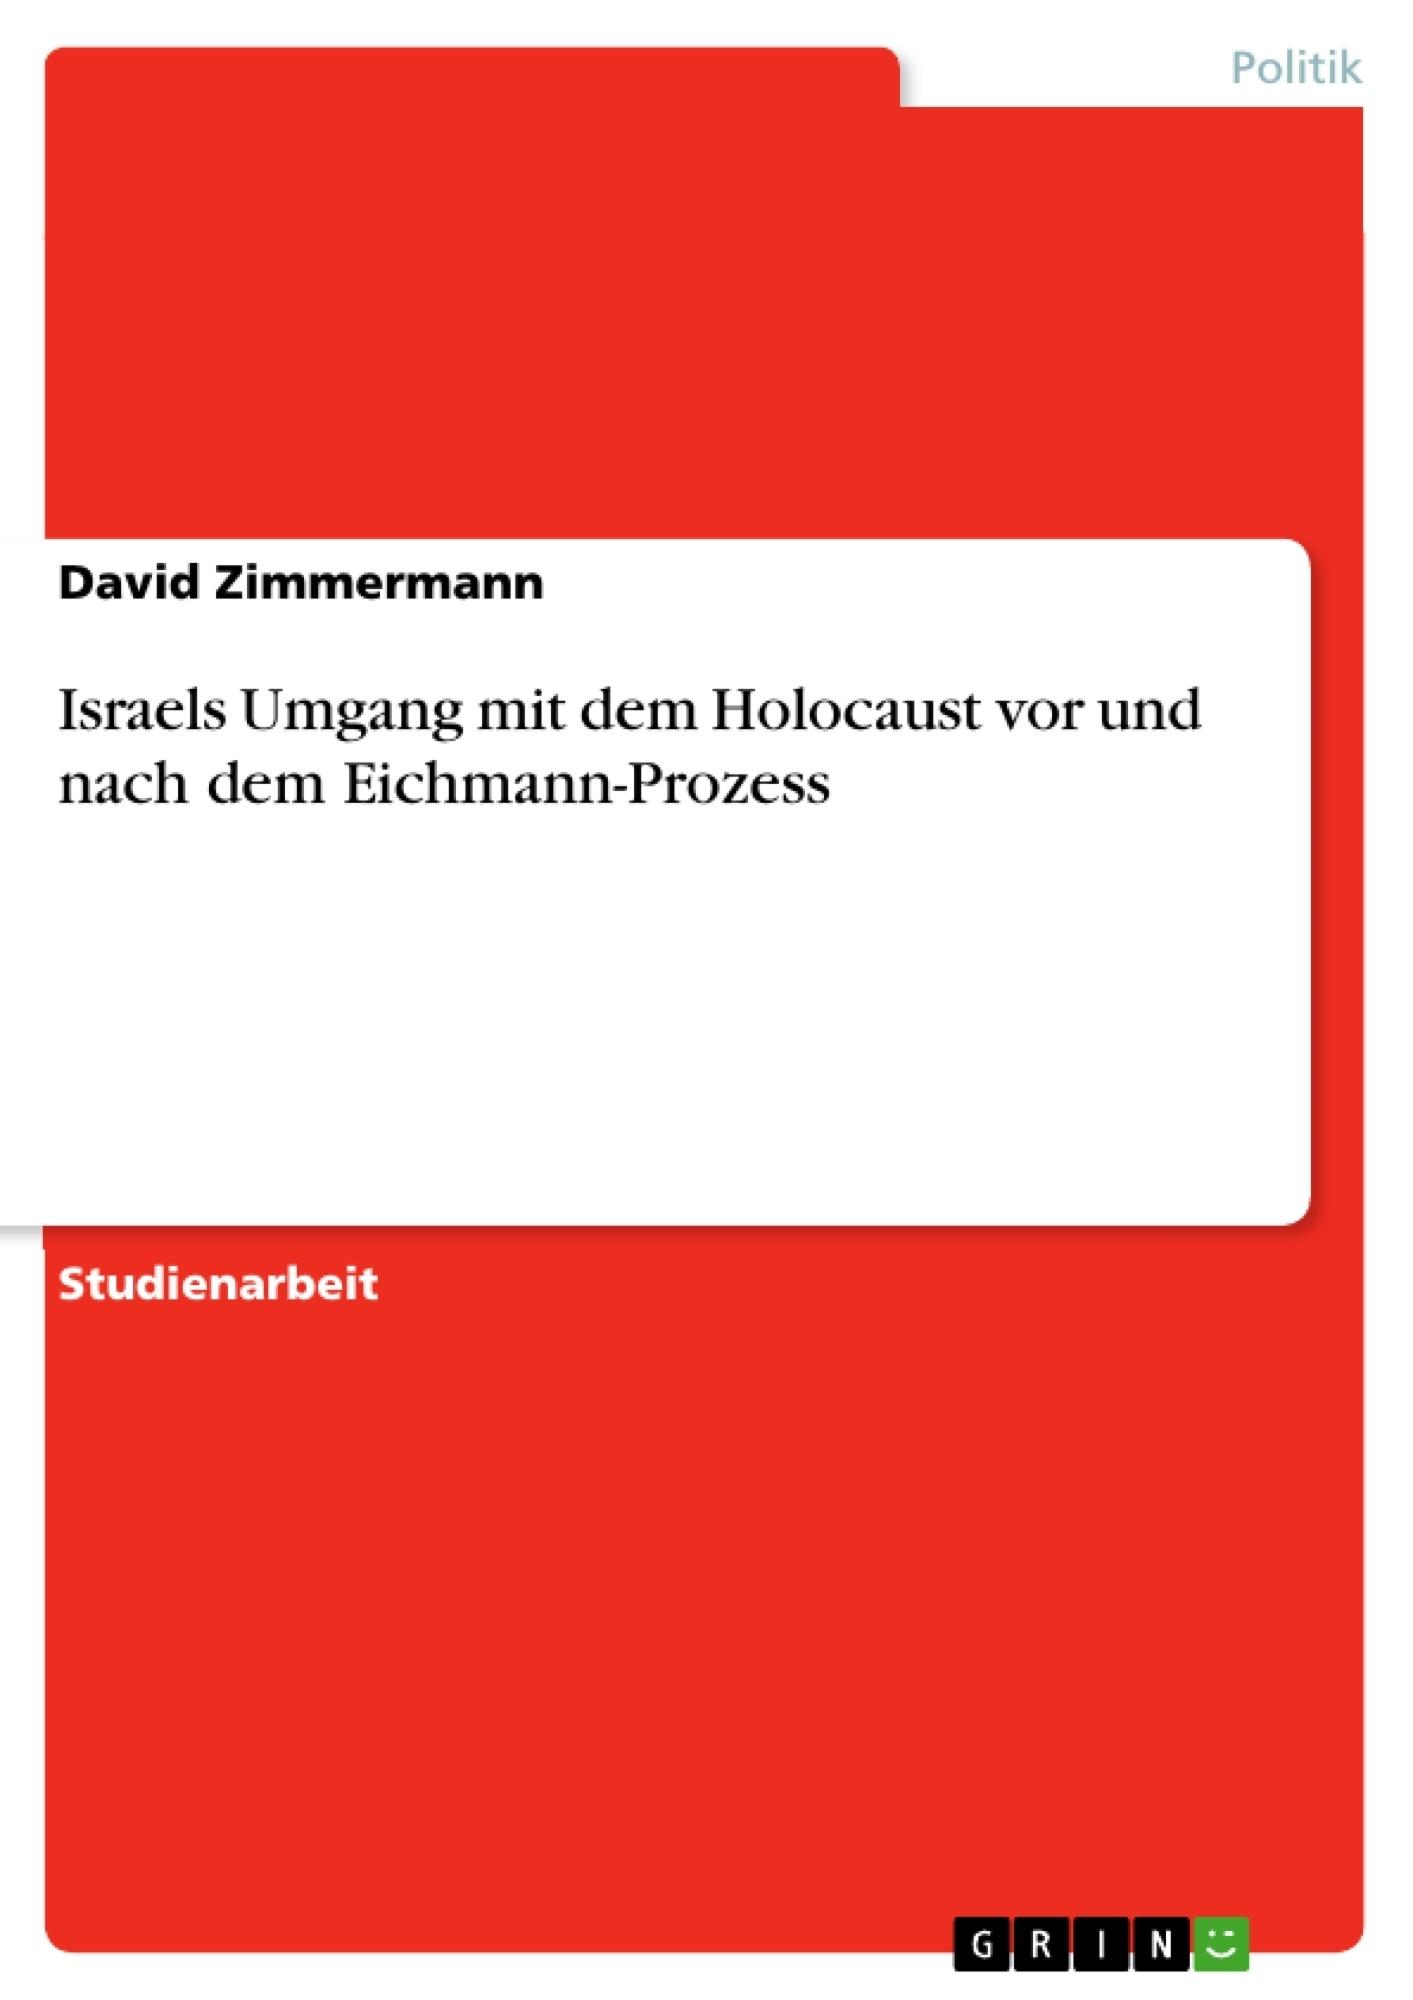 Titel: Israels Umgang mit dem Holocaust vor und nach dem Eichmann-Prozess